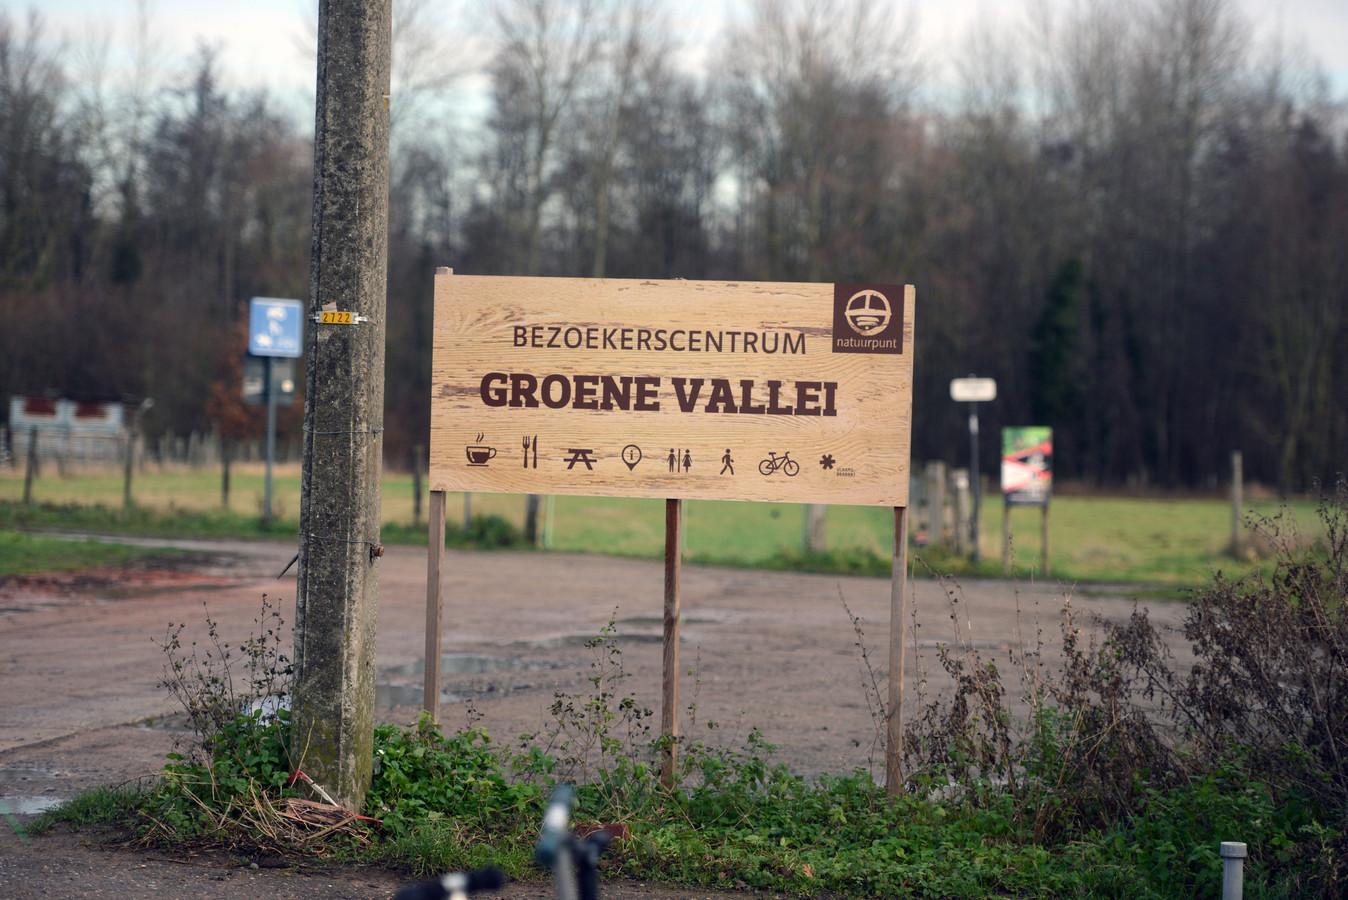 In het natuurgebied van De Groene Vallei in Erps-Kwerps komen sinds de tweede lockdown tot 5 keer meer bezoekers dan voorheen, vooral dan in het weekend.